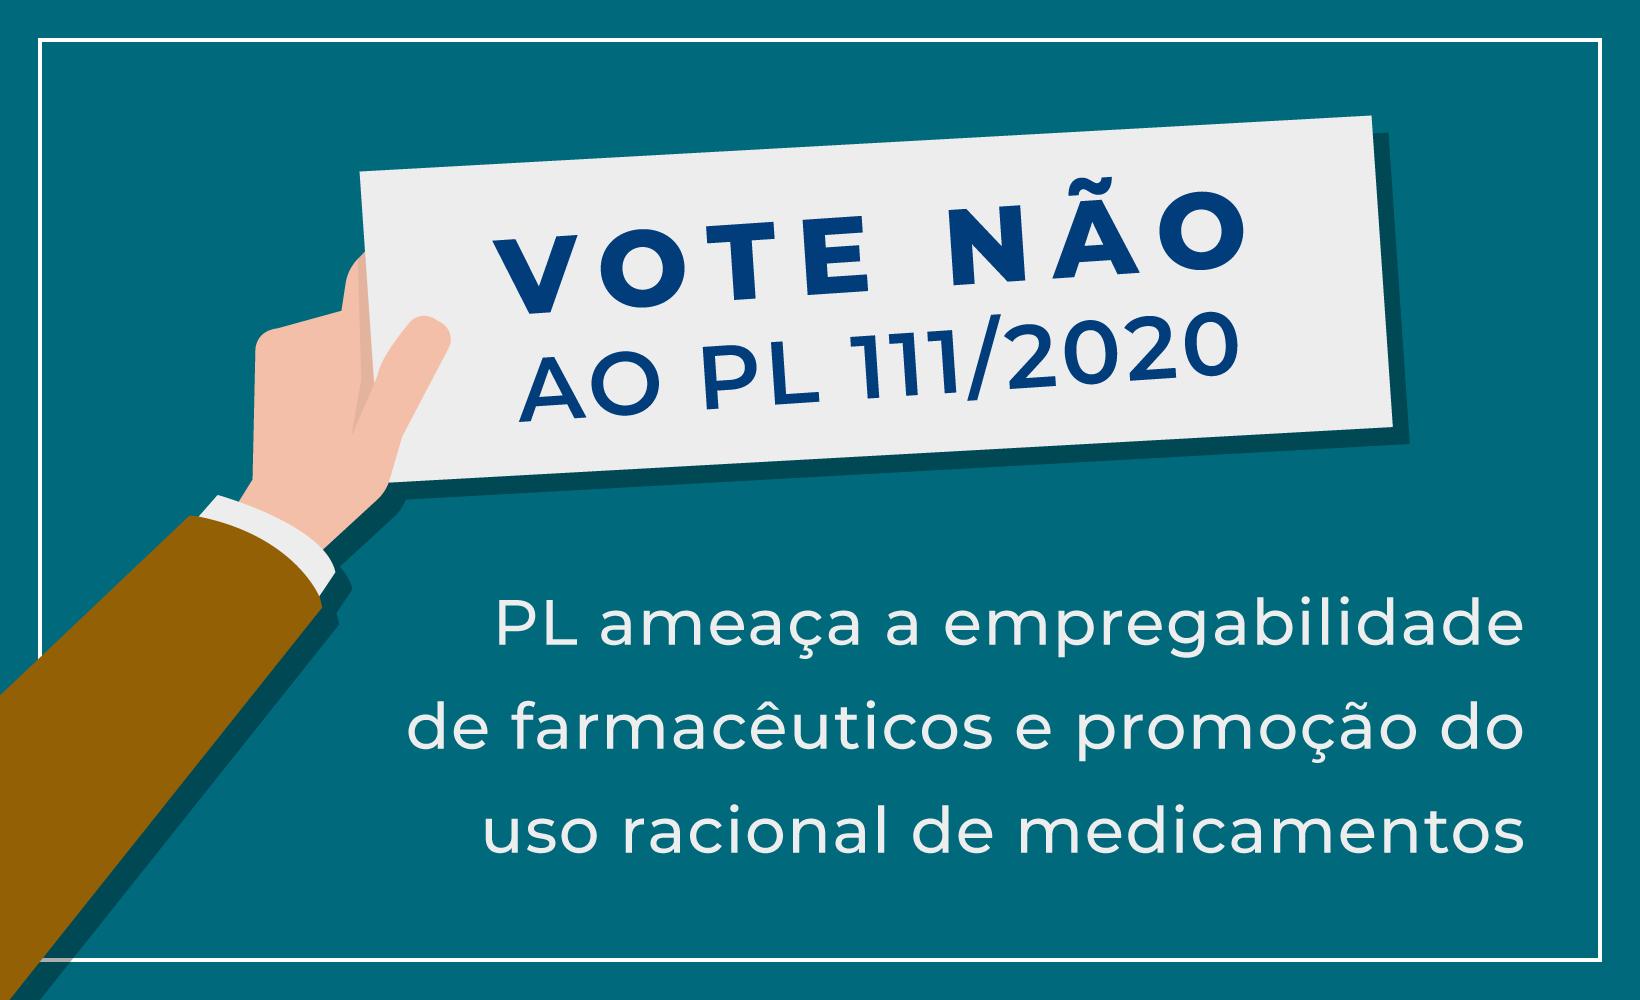 PL ameaça empregabilidade de farmacêuticos e promoção do uso racional de medicamentos